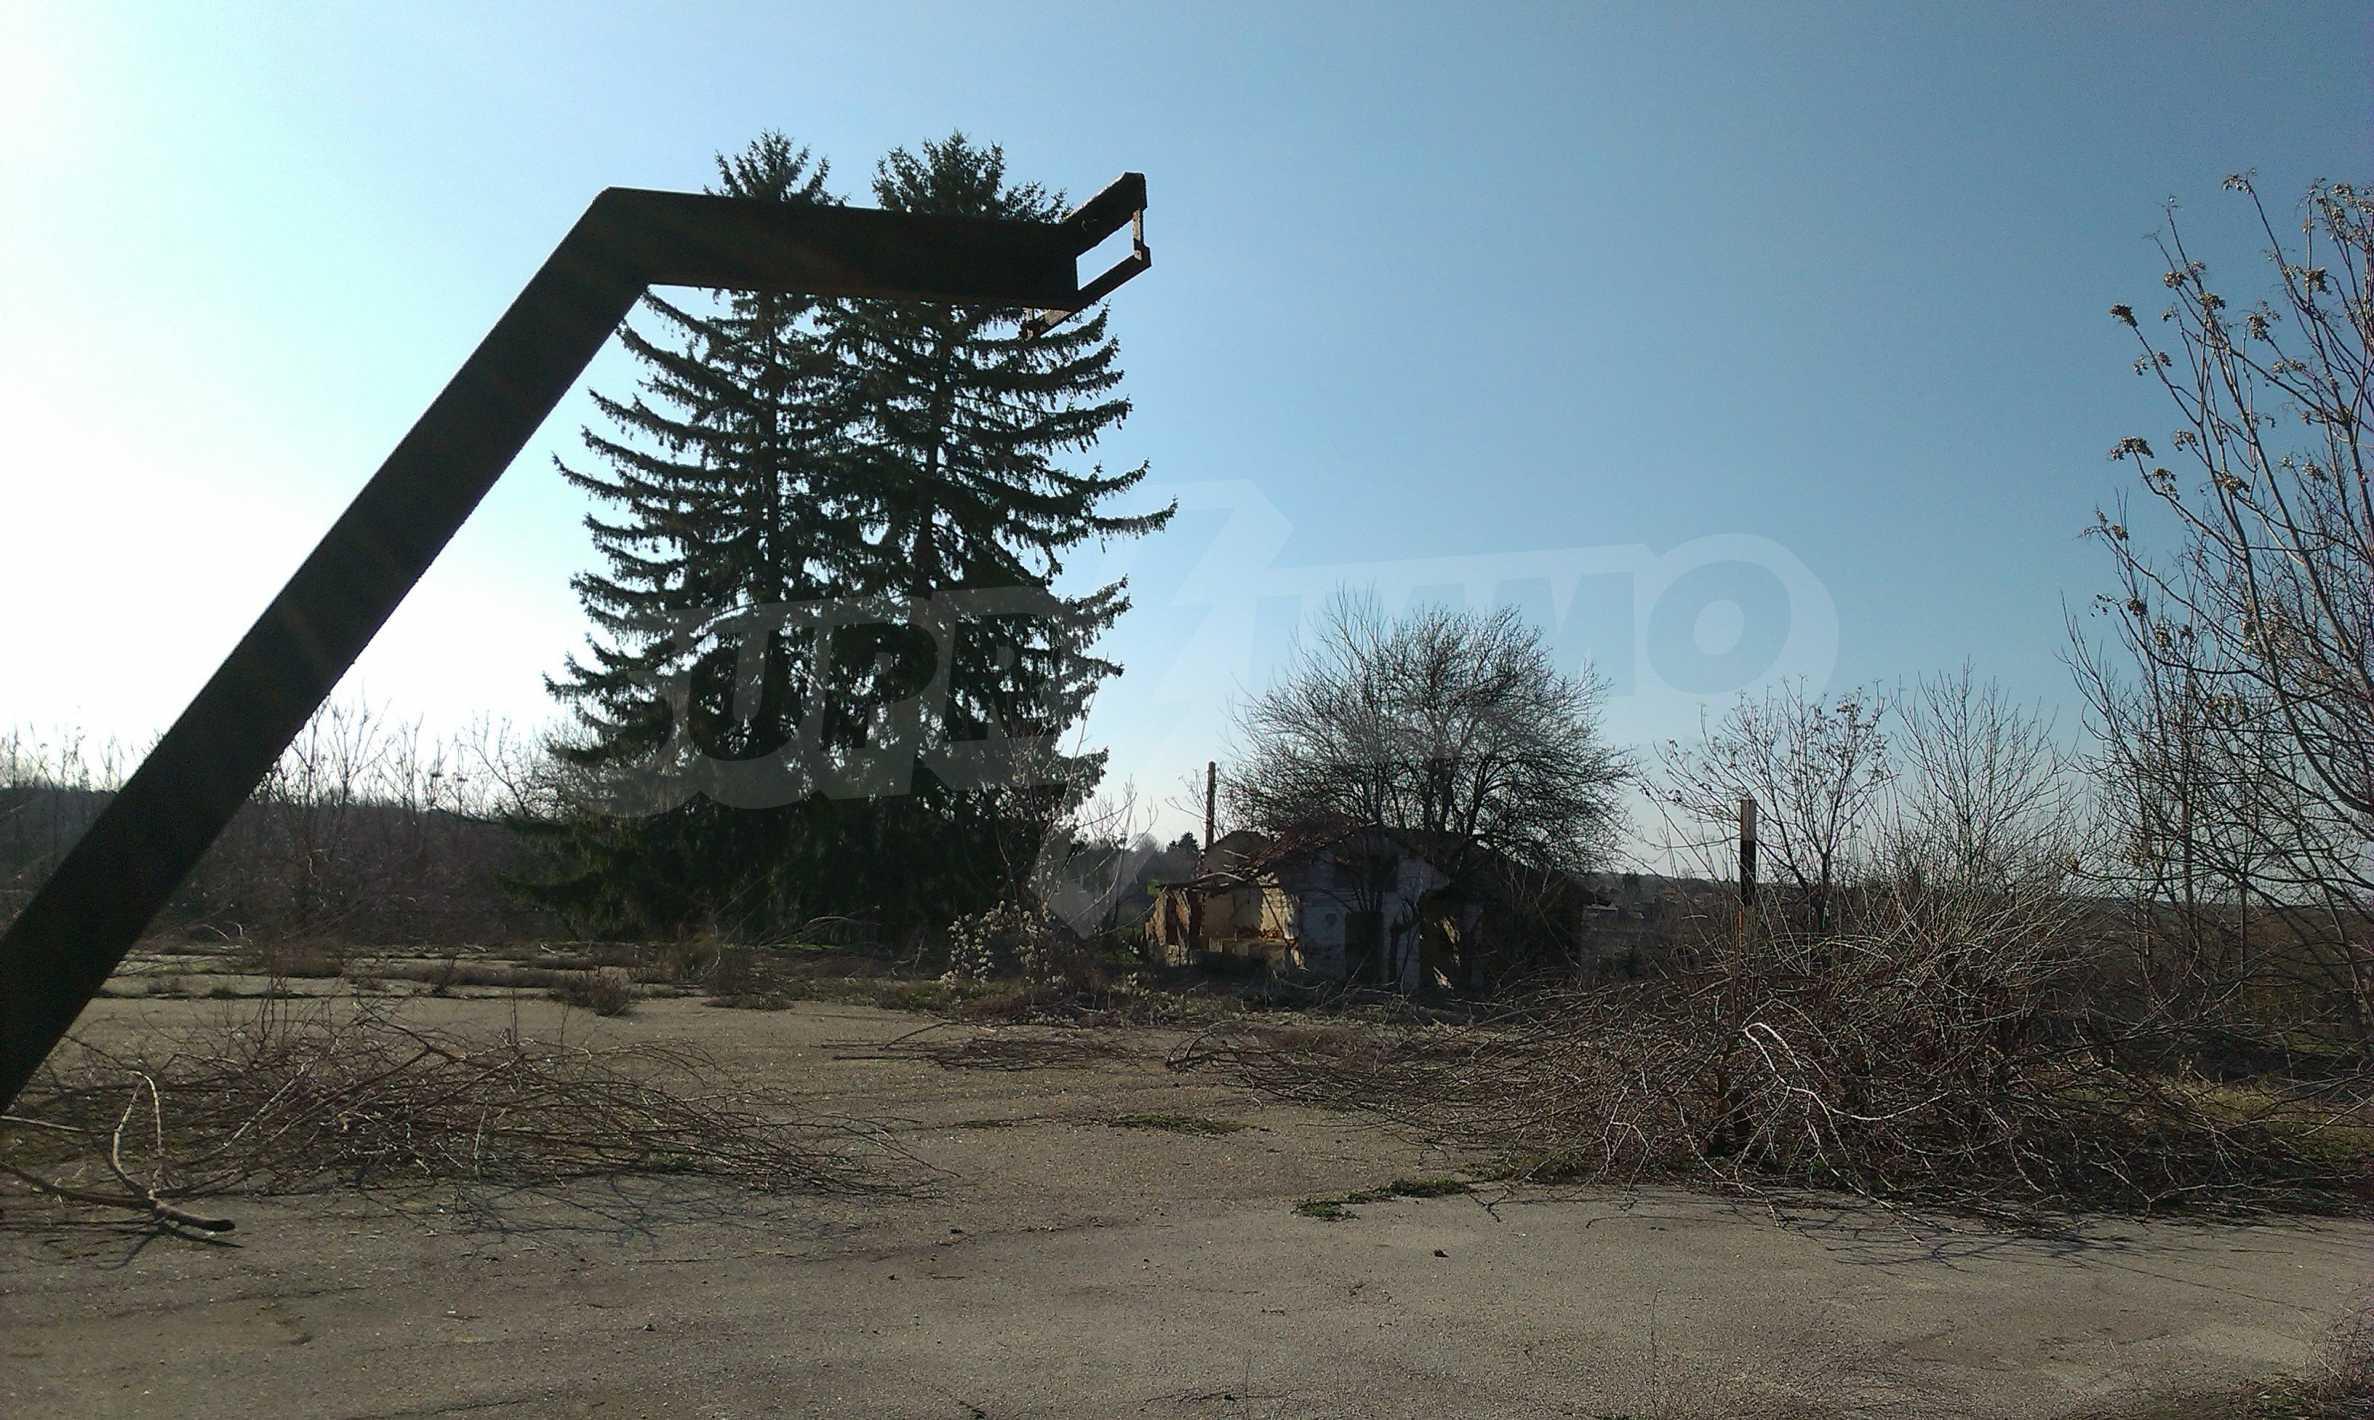 Zwei massive Gebäude auf einem großen Grundstück 35 km von der Stadt Russe und der Donau entfernt 59